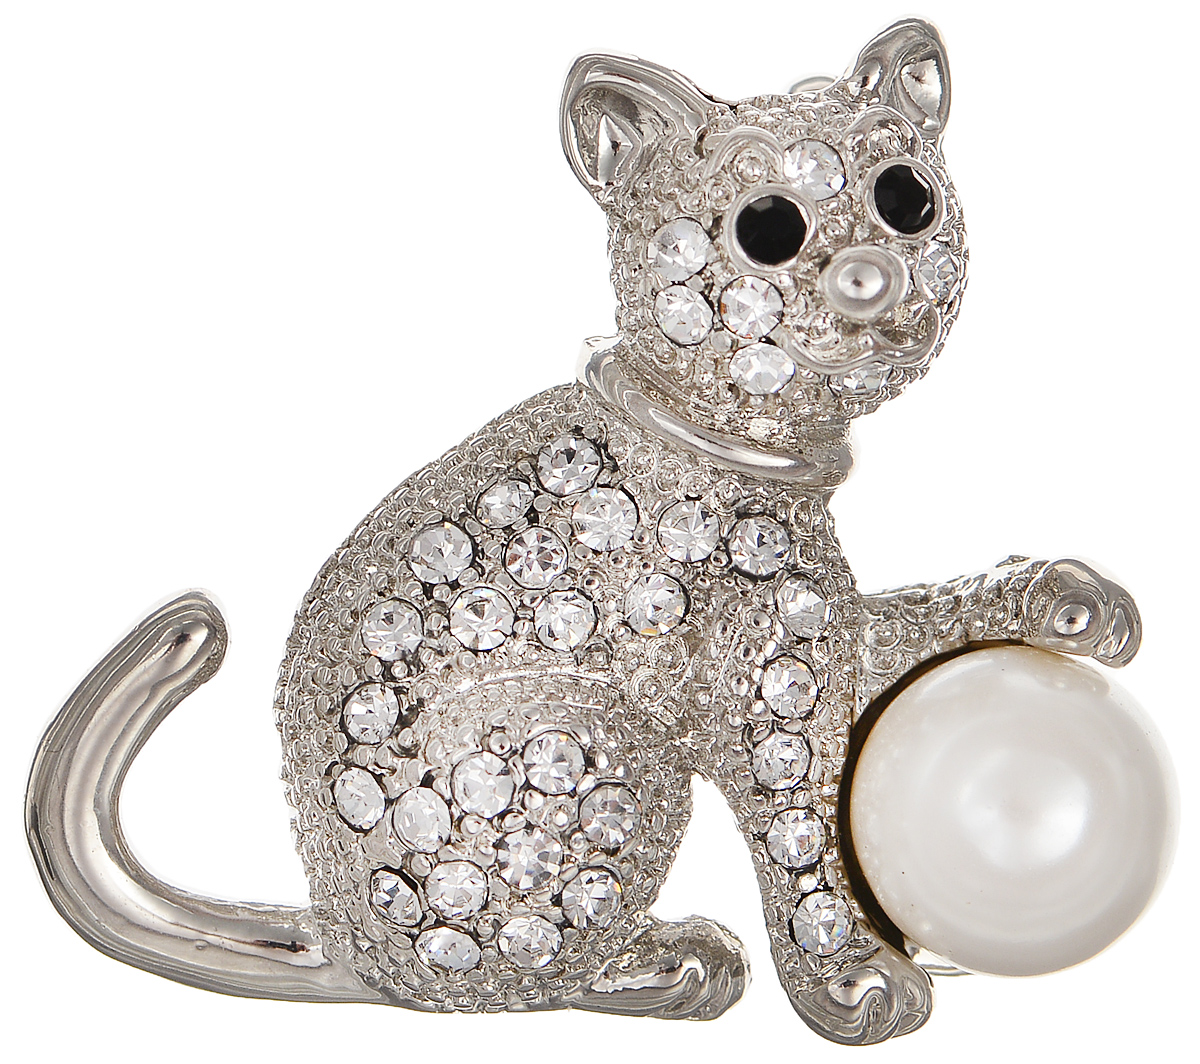 Брошь Selena Street Fashion, цвет: белый, серебристый. 30026690Брошь-булавкаОригинальная брошь Selena Street Fashion изготовлена из латуни с родиевым покрытием. Брошь, выполненная в виде кошки, дополнена кристаллами Preciosa и искусственным жемчугом. Изделие крепится с помощью замка-булавки. Такая брошь позволит вам с легкостью воплотить самую смелую фантазию и создать собственный неповторимый образ.